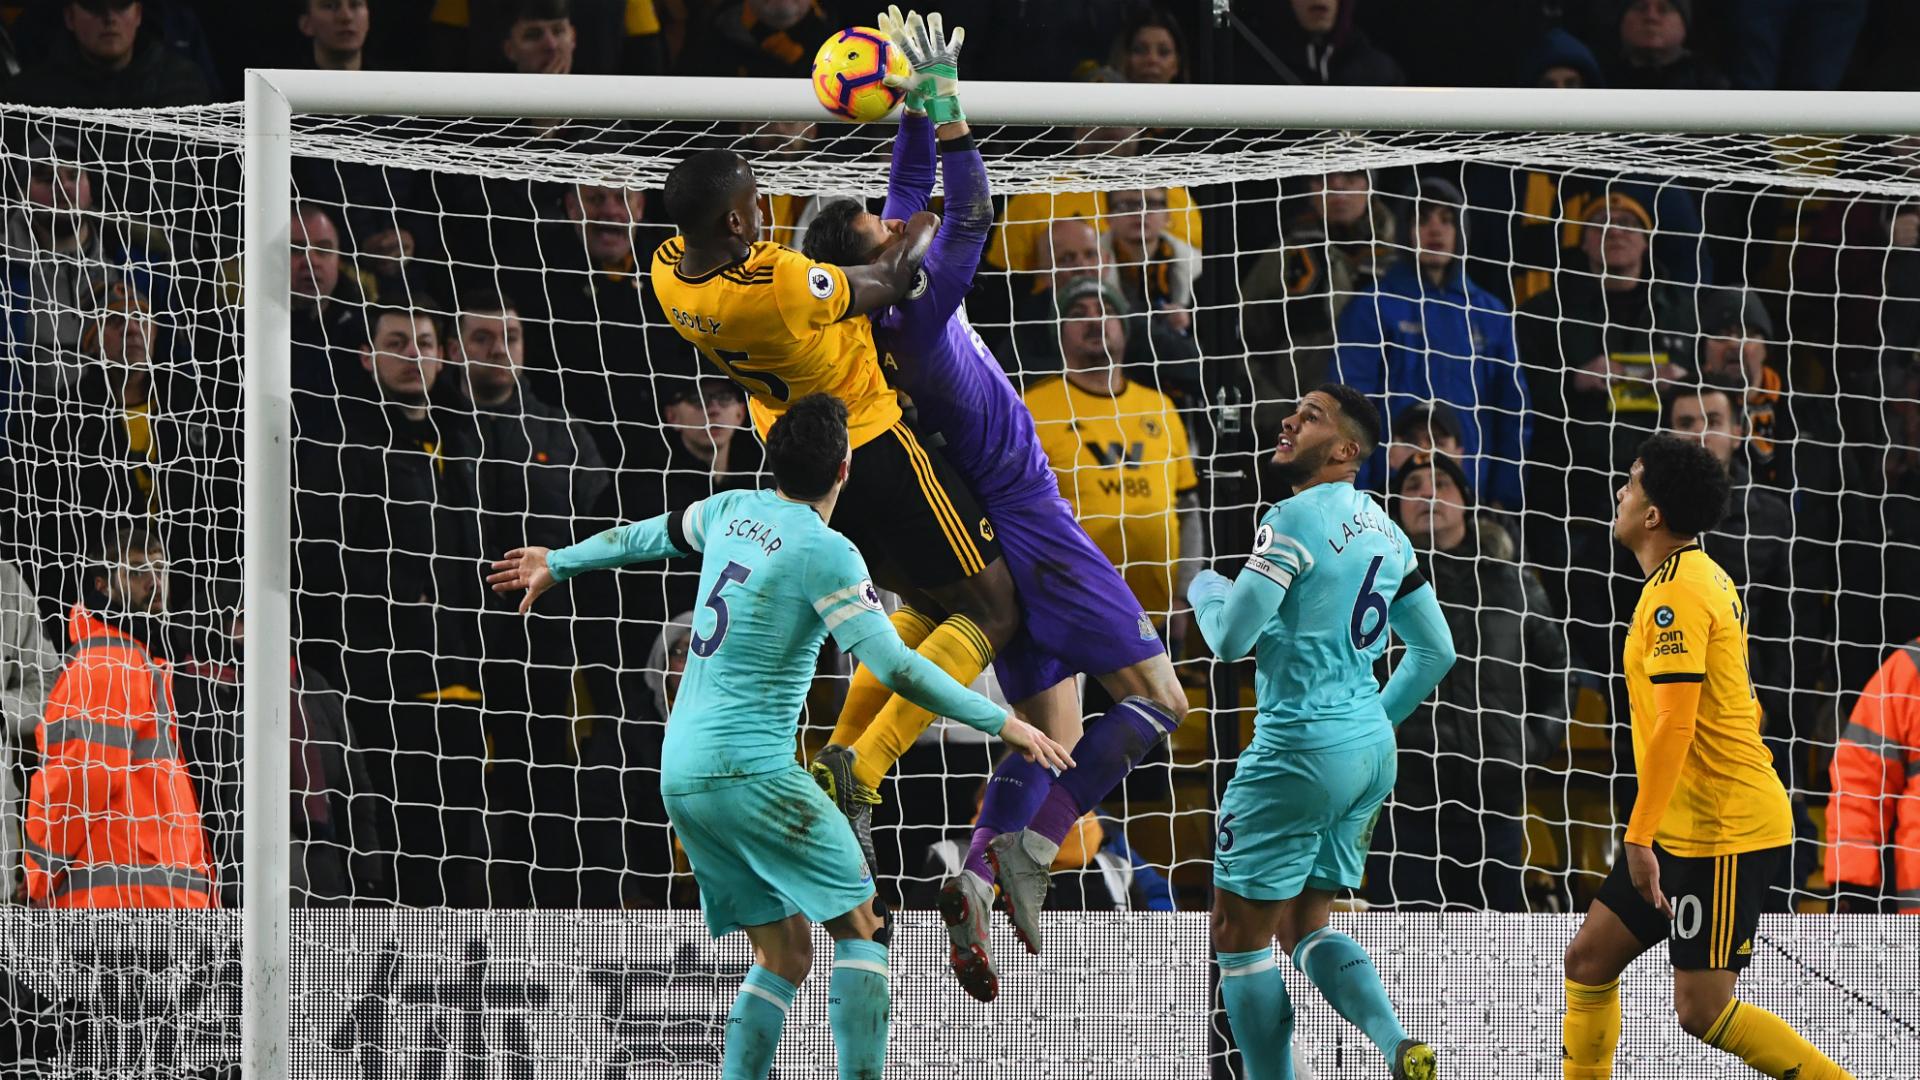 Benitez blames Dubravka for Wolves' last-gasp equaliser